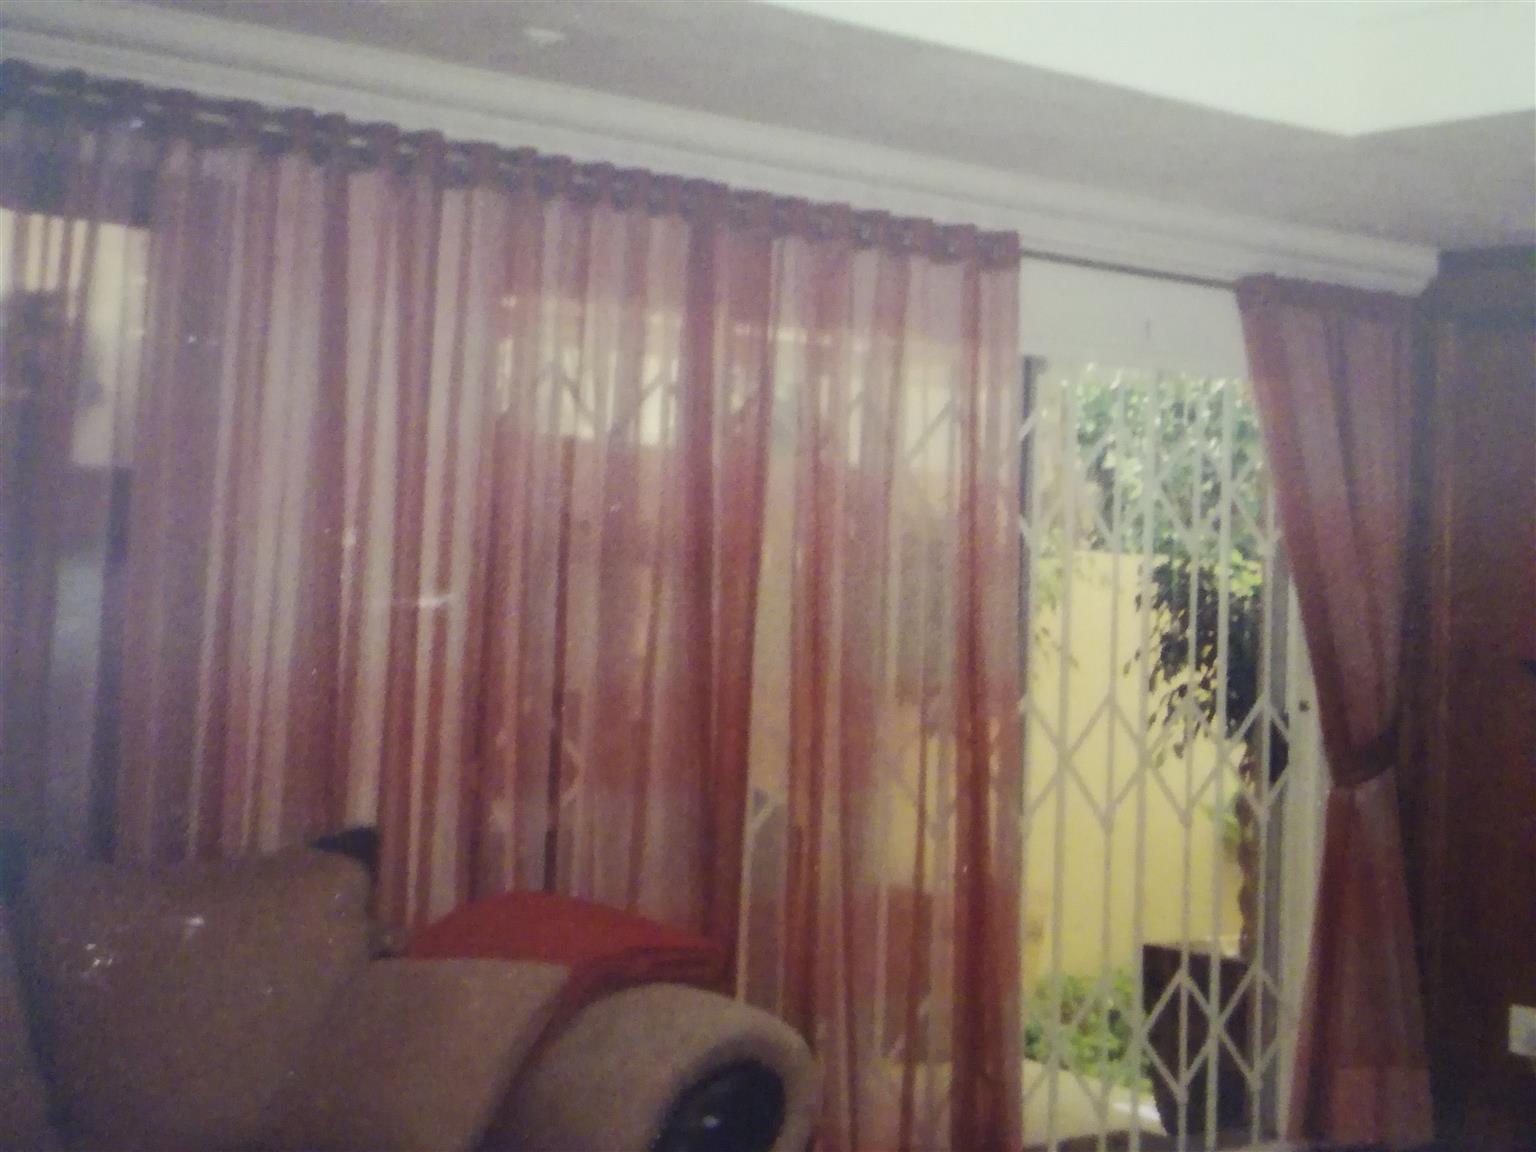 Interior curtainings